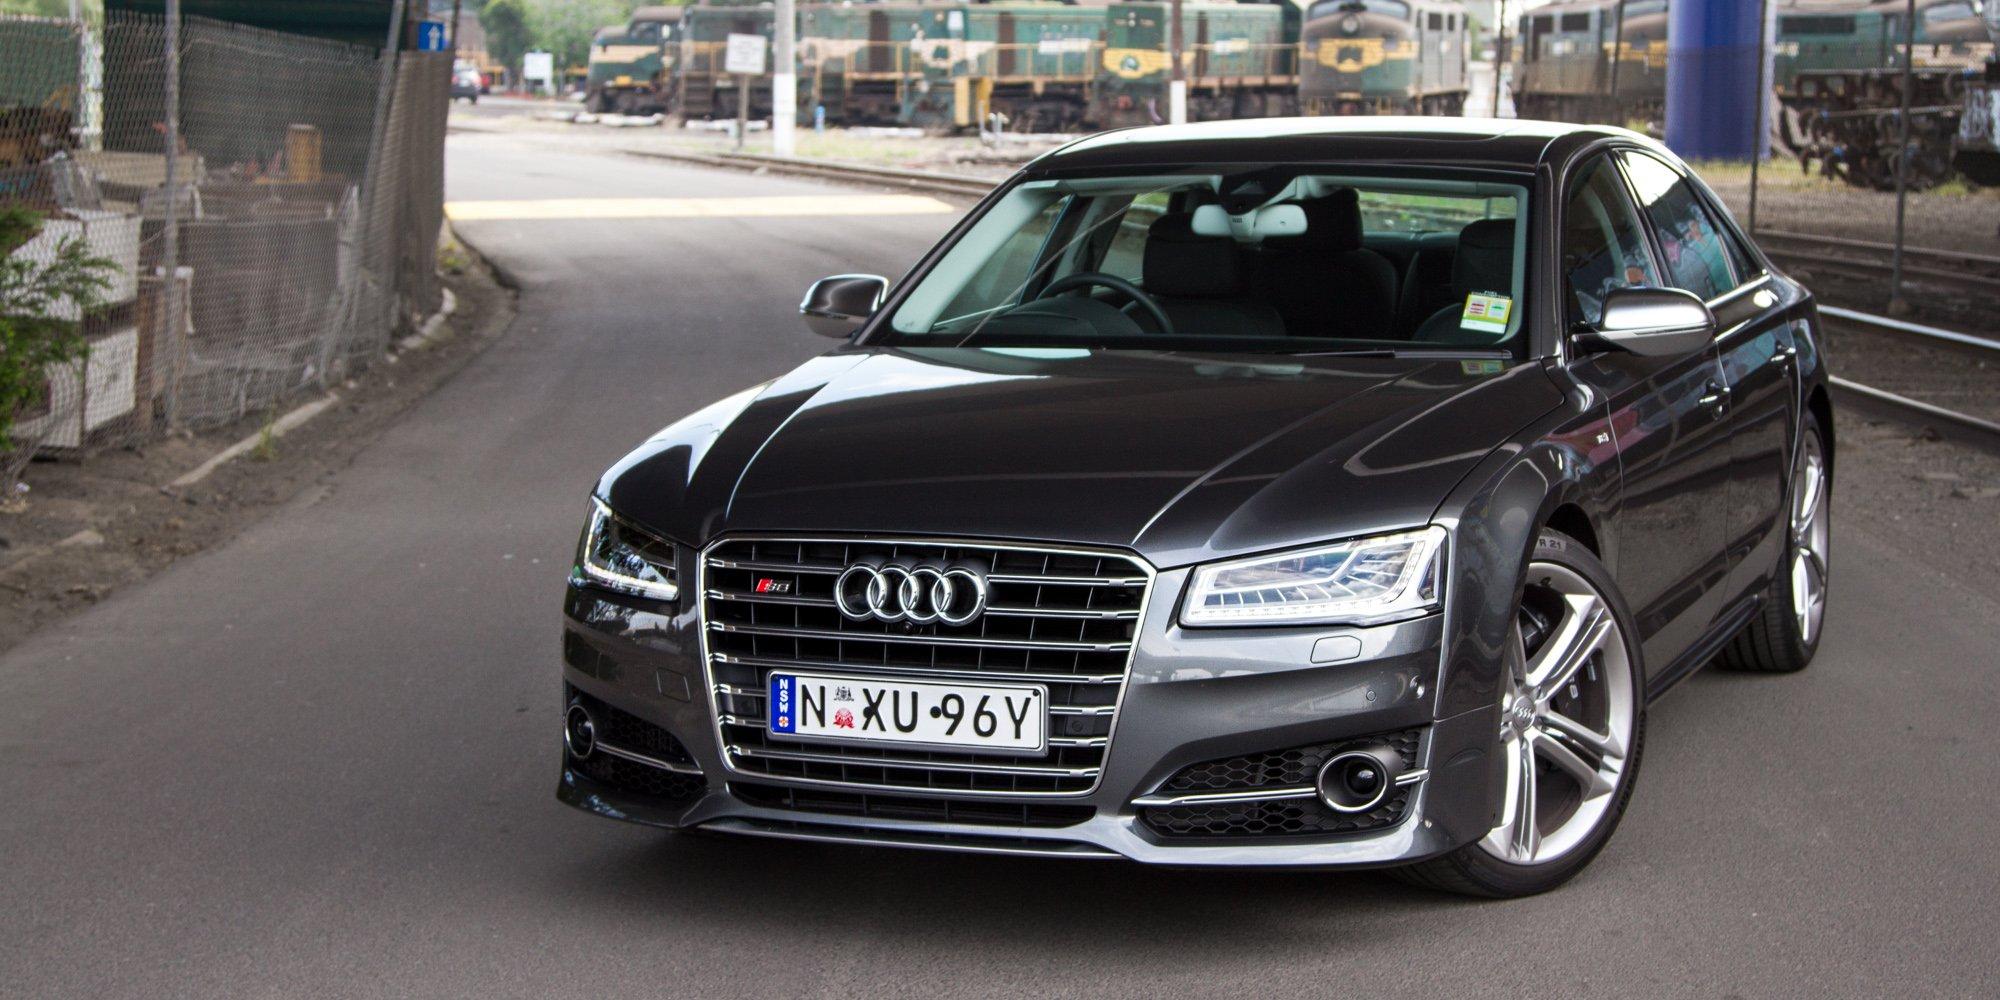 2015 Audi S8 Review - photos | CarAdvice